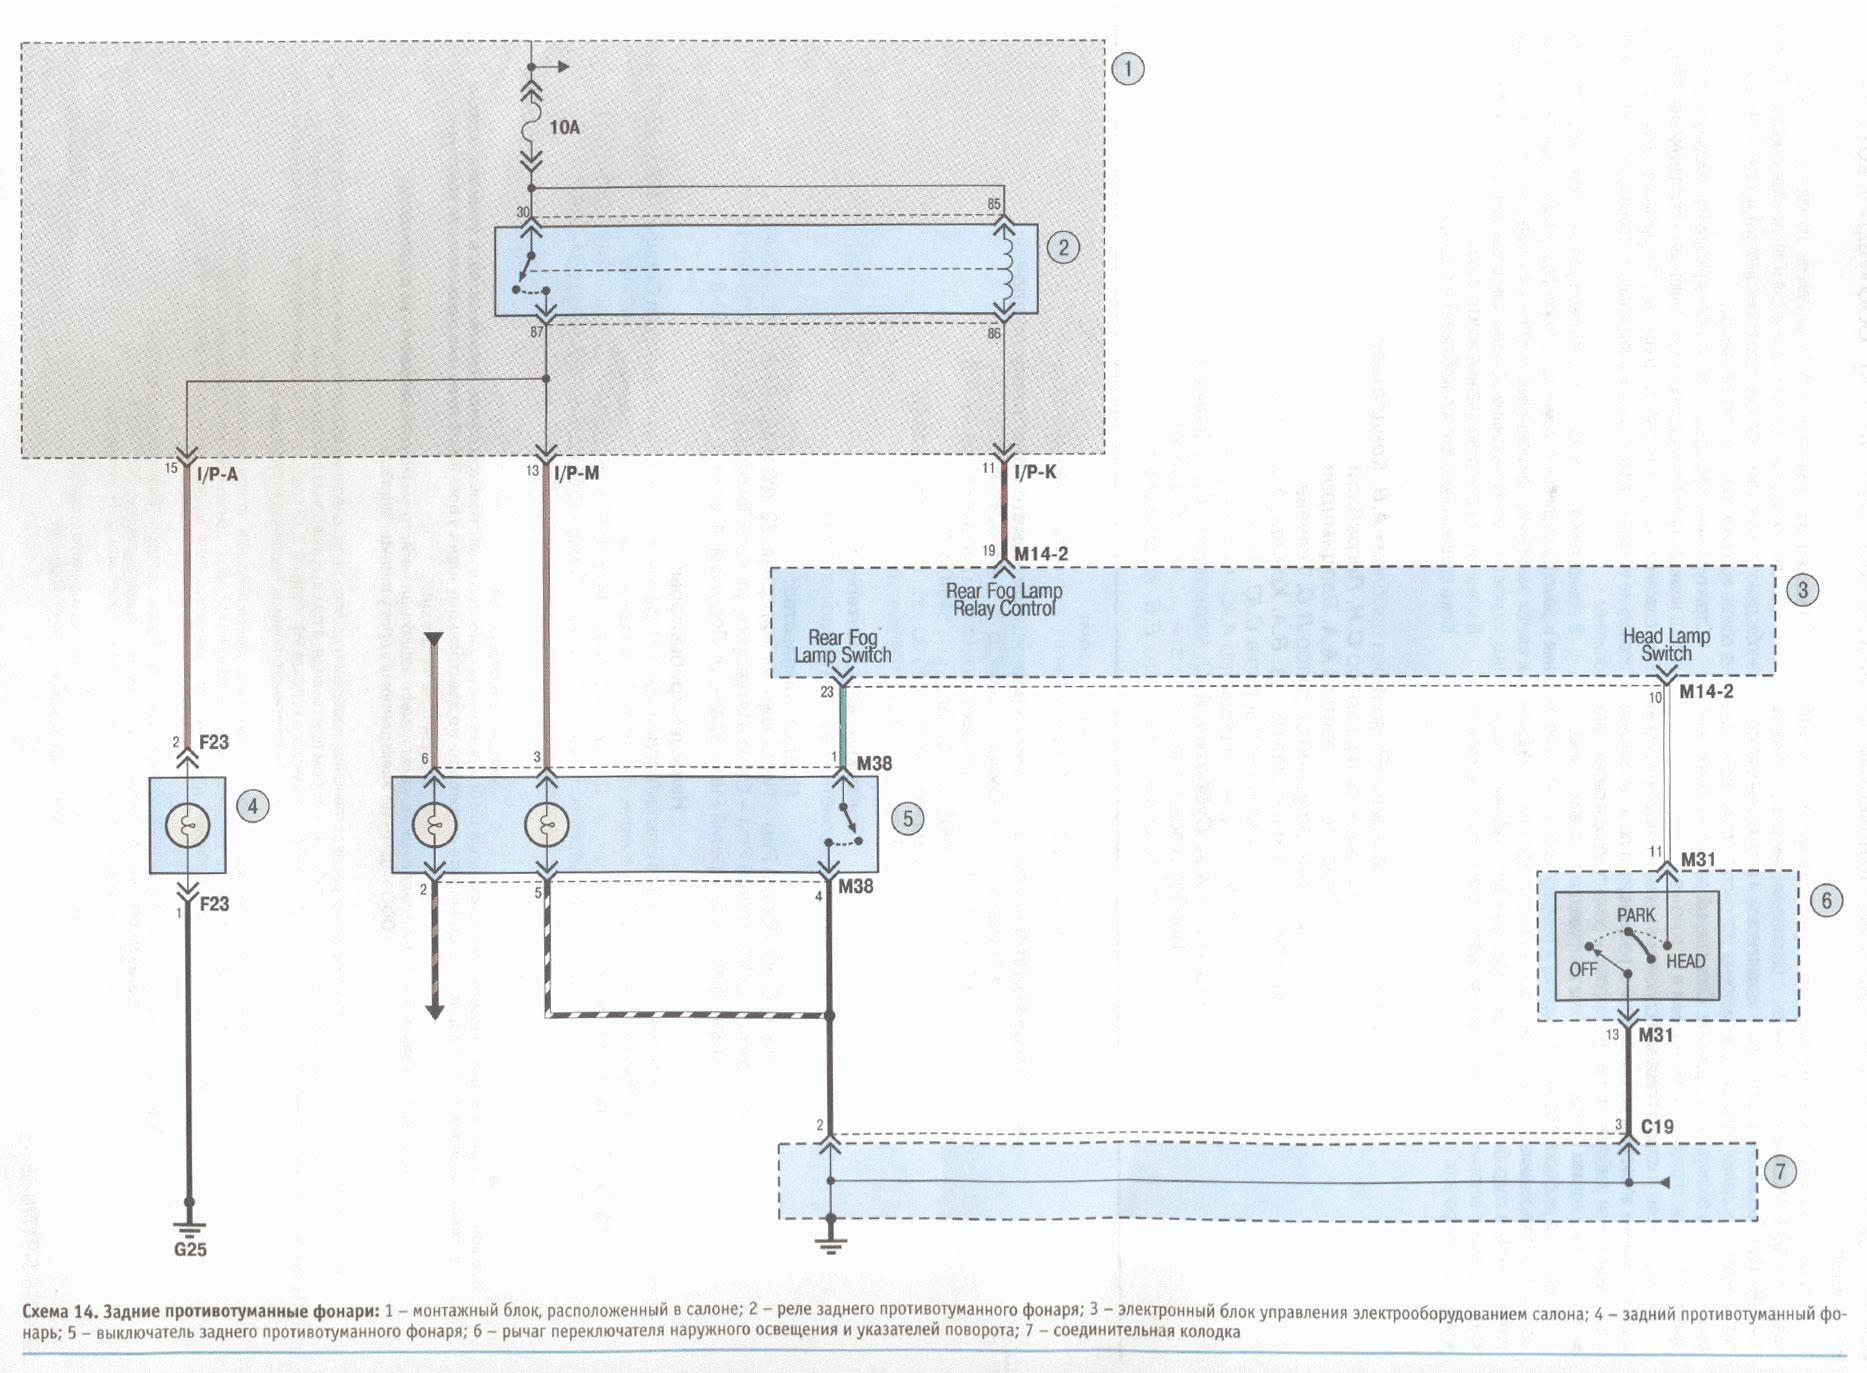 Схема электрооборудования киа рио фото 106